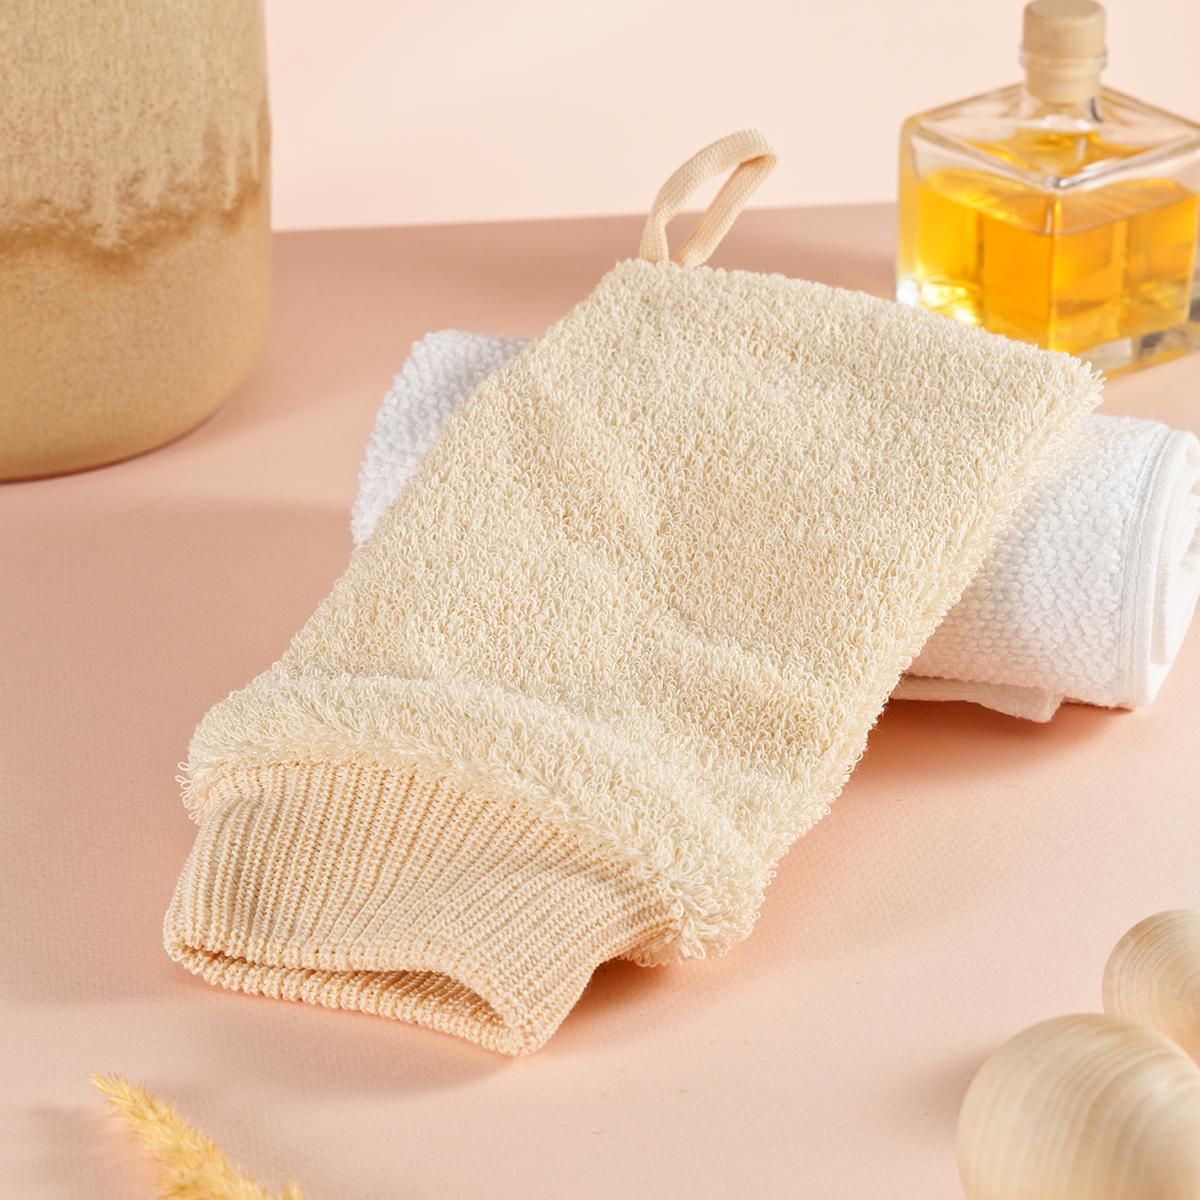 Мочалка-рукавица массажная натуральная для взрослых и детей (хлопок, мягкая)